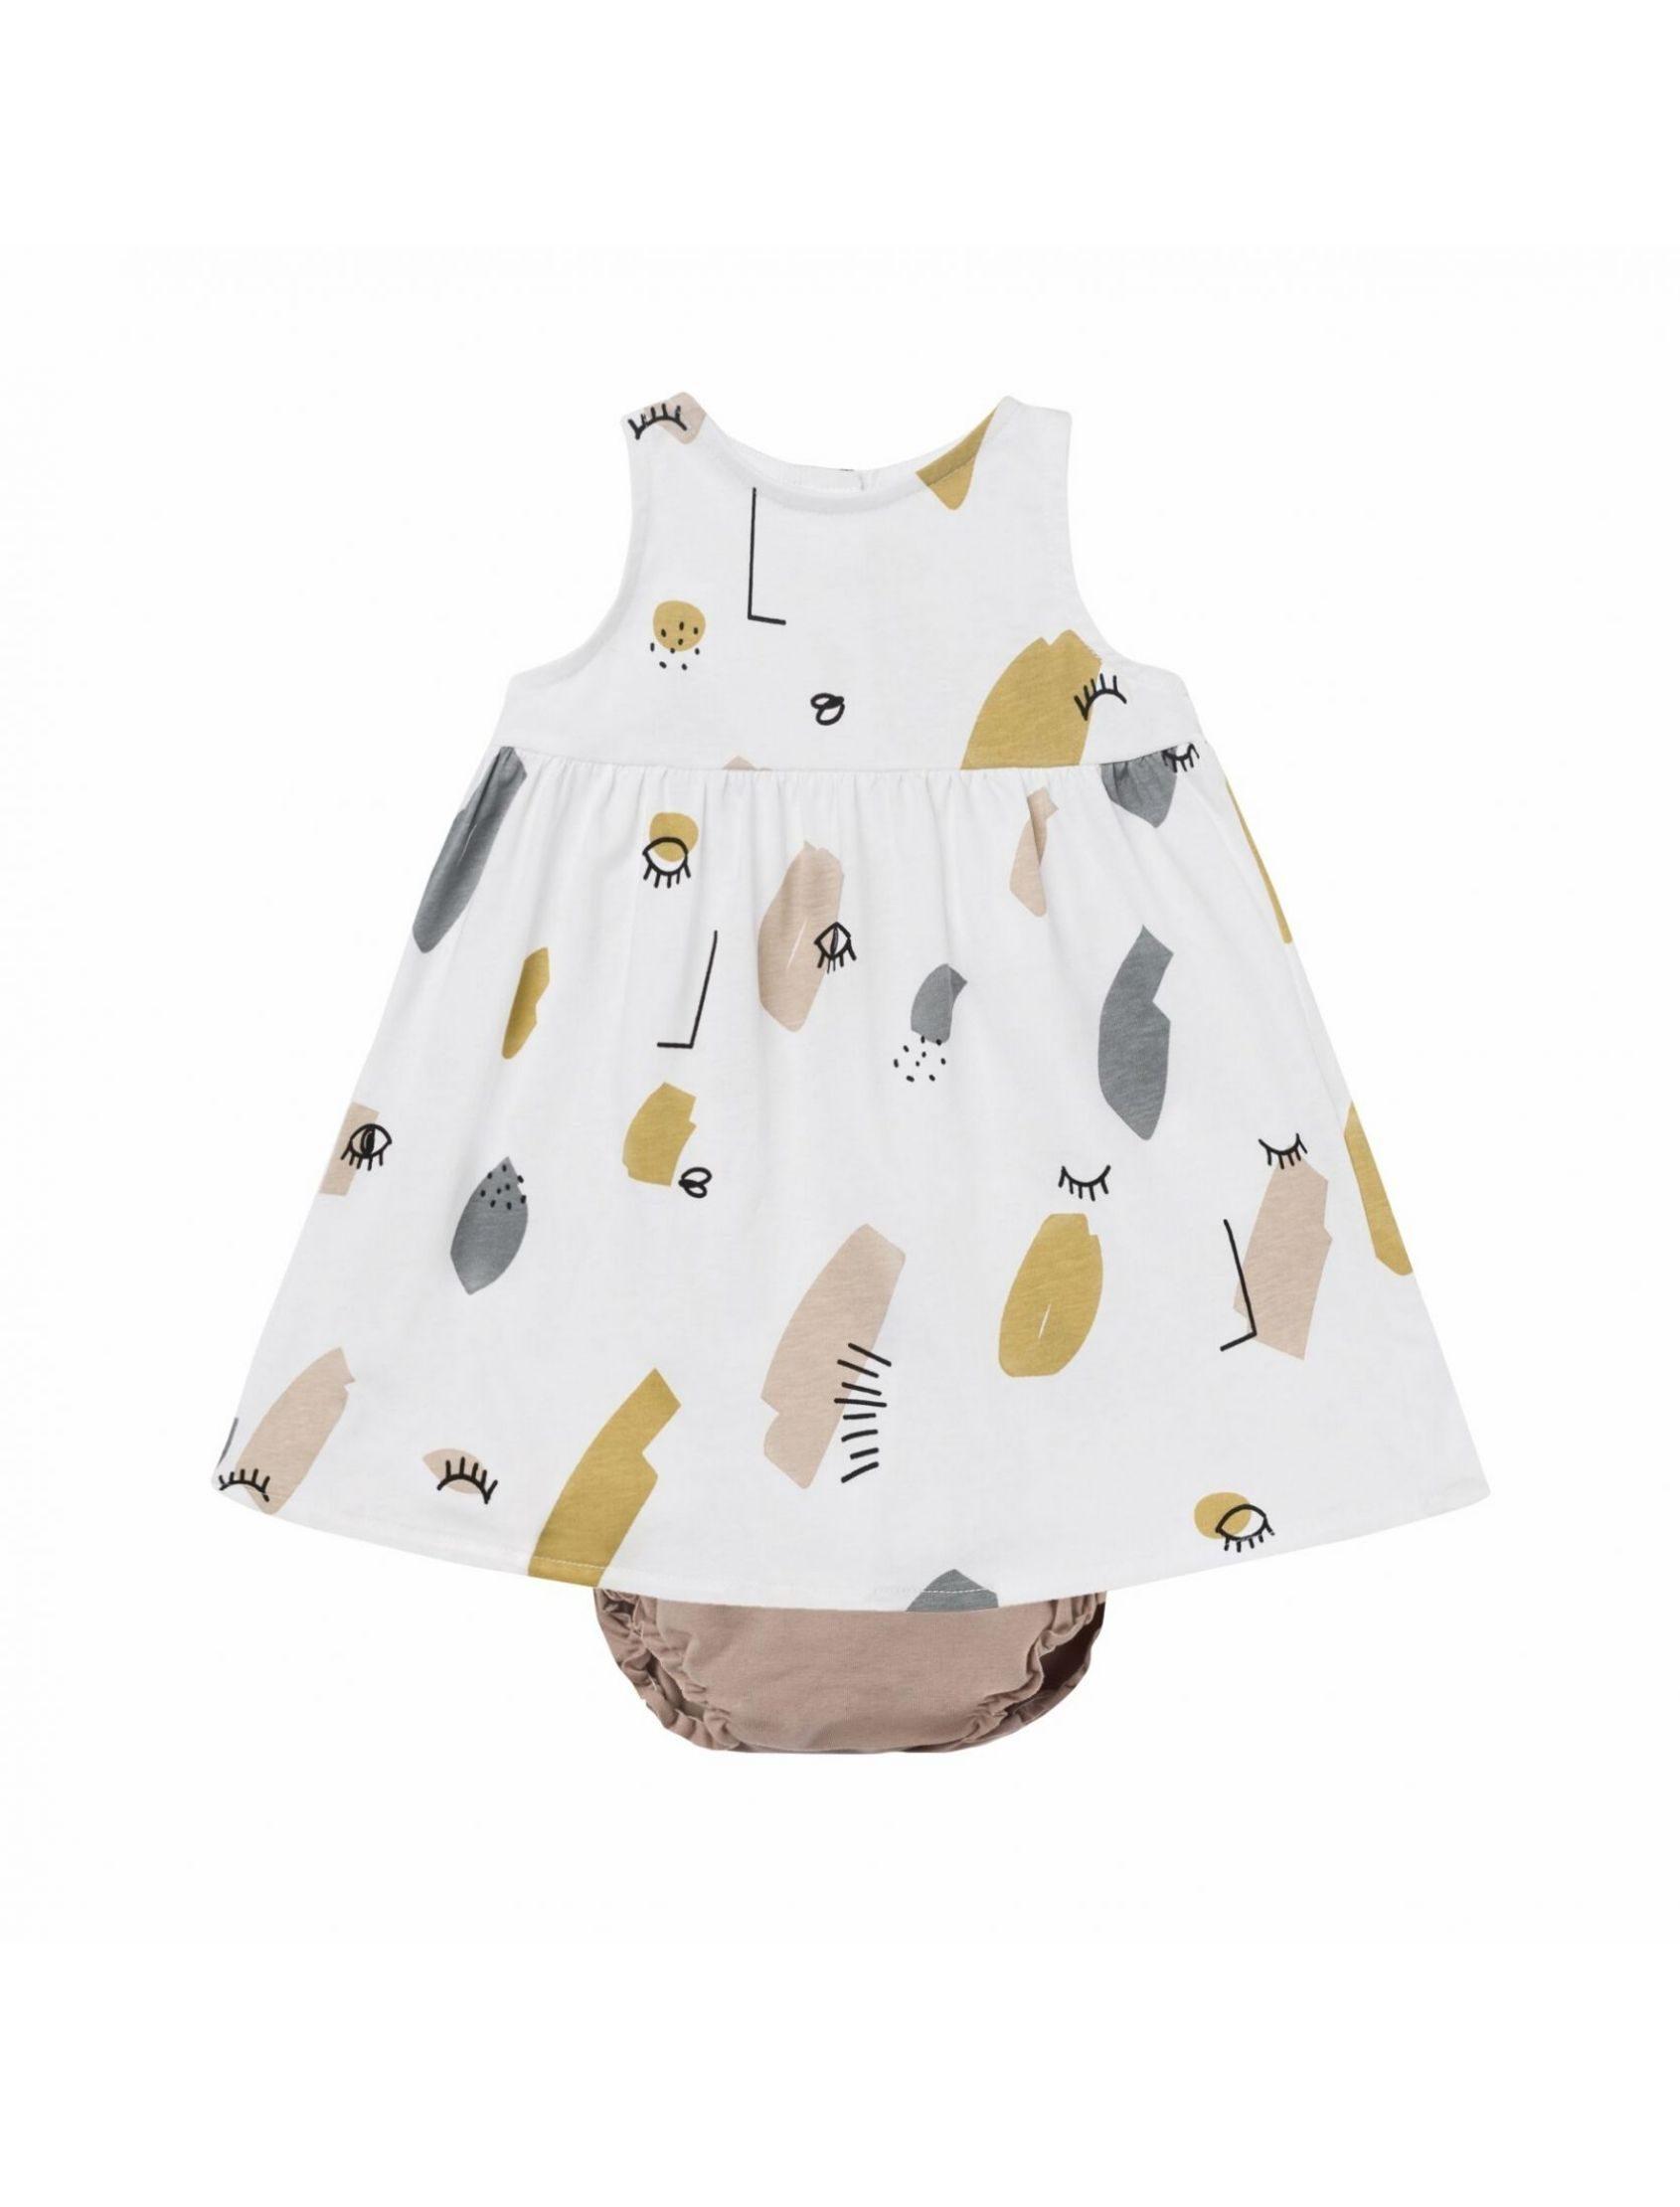 conjunto de vestido y braguita culotte twin de baby clic. Vestido con estampado multicolor y braguita tono nude